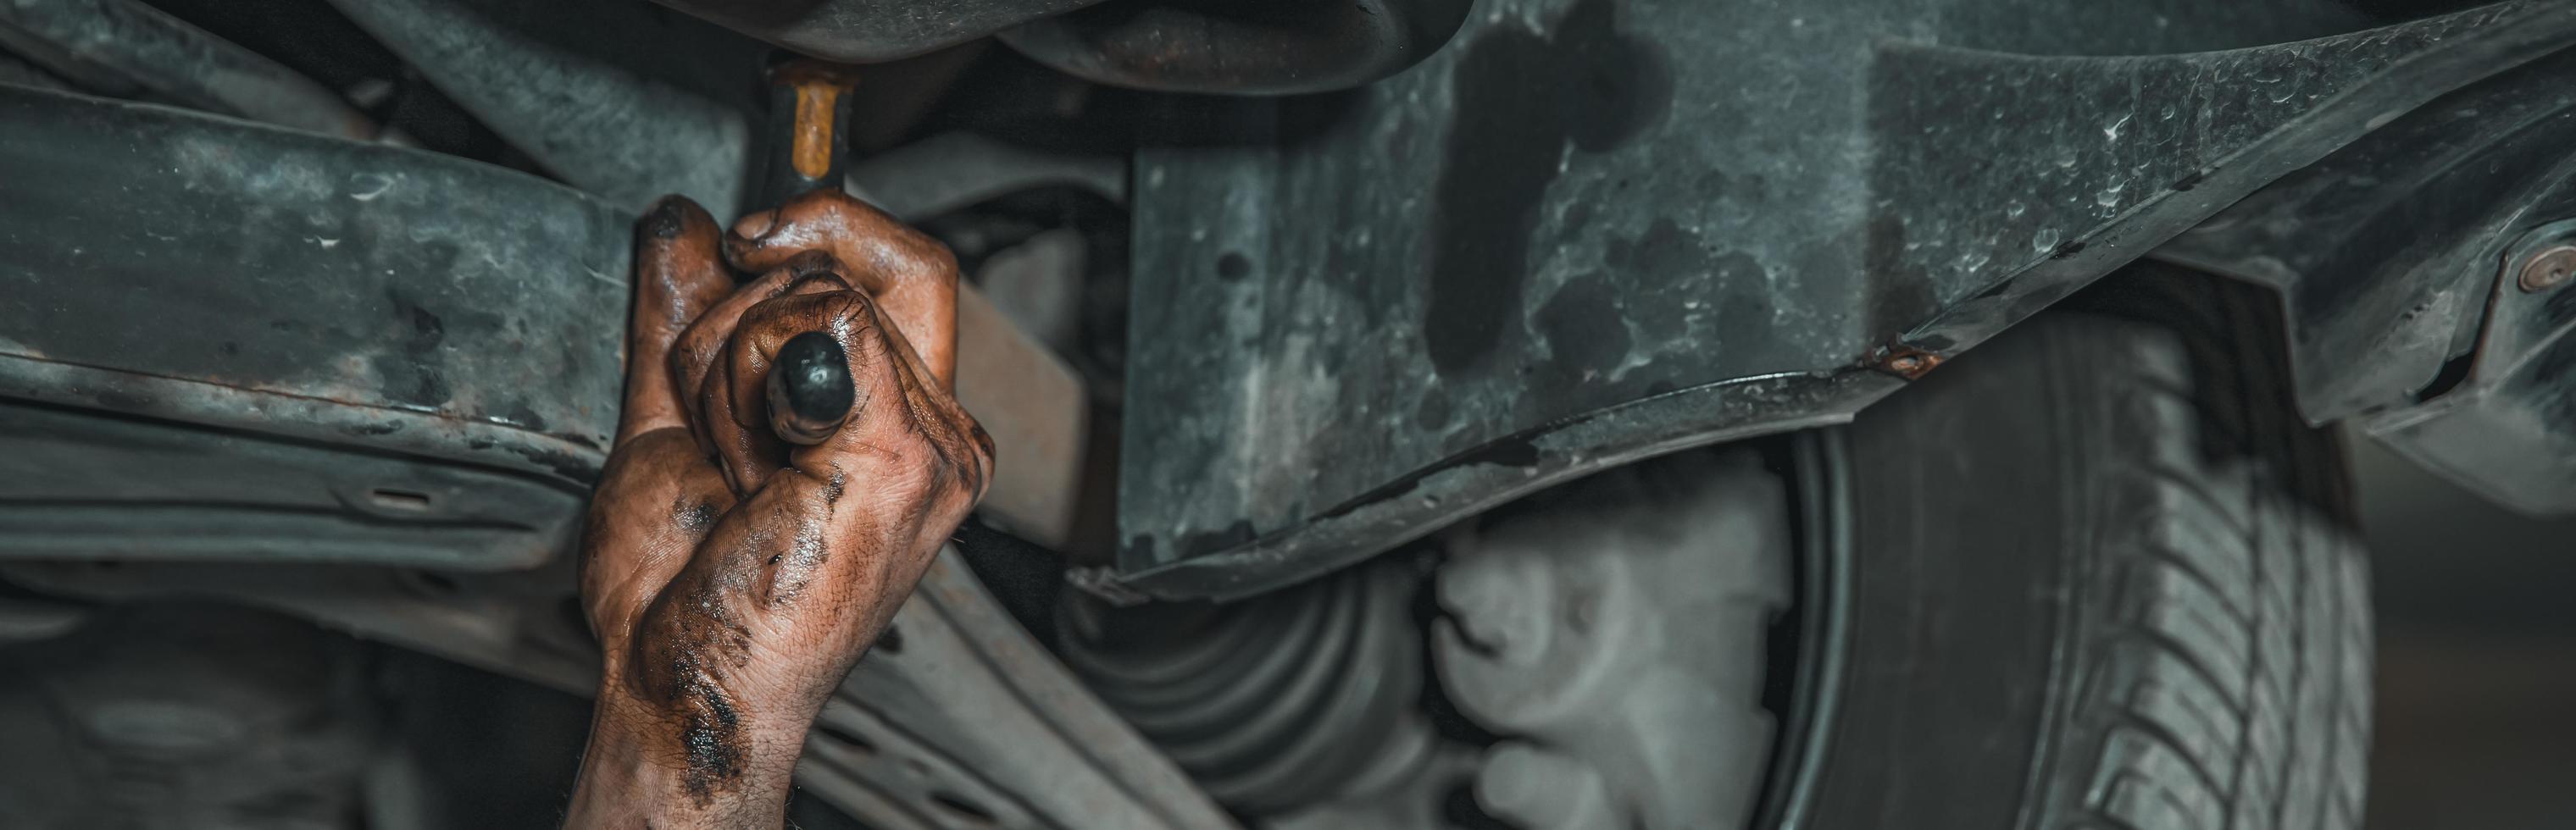 la main grasse du mécanicien atteint sous le capot photo